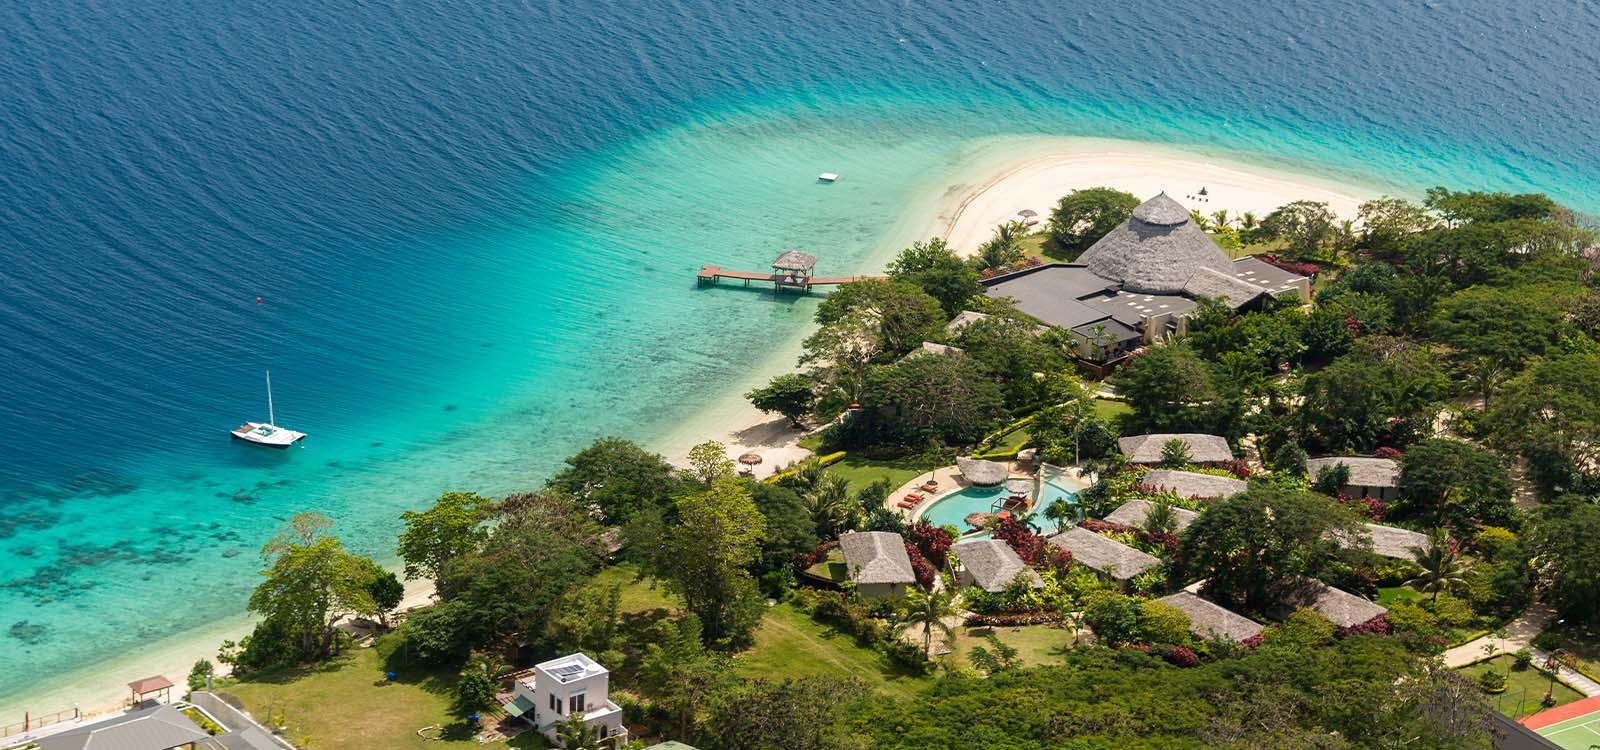 Aerial view of Vanuatu seashore.